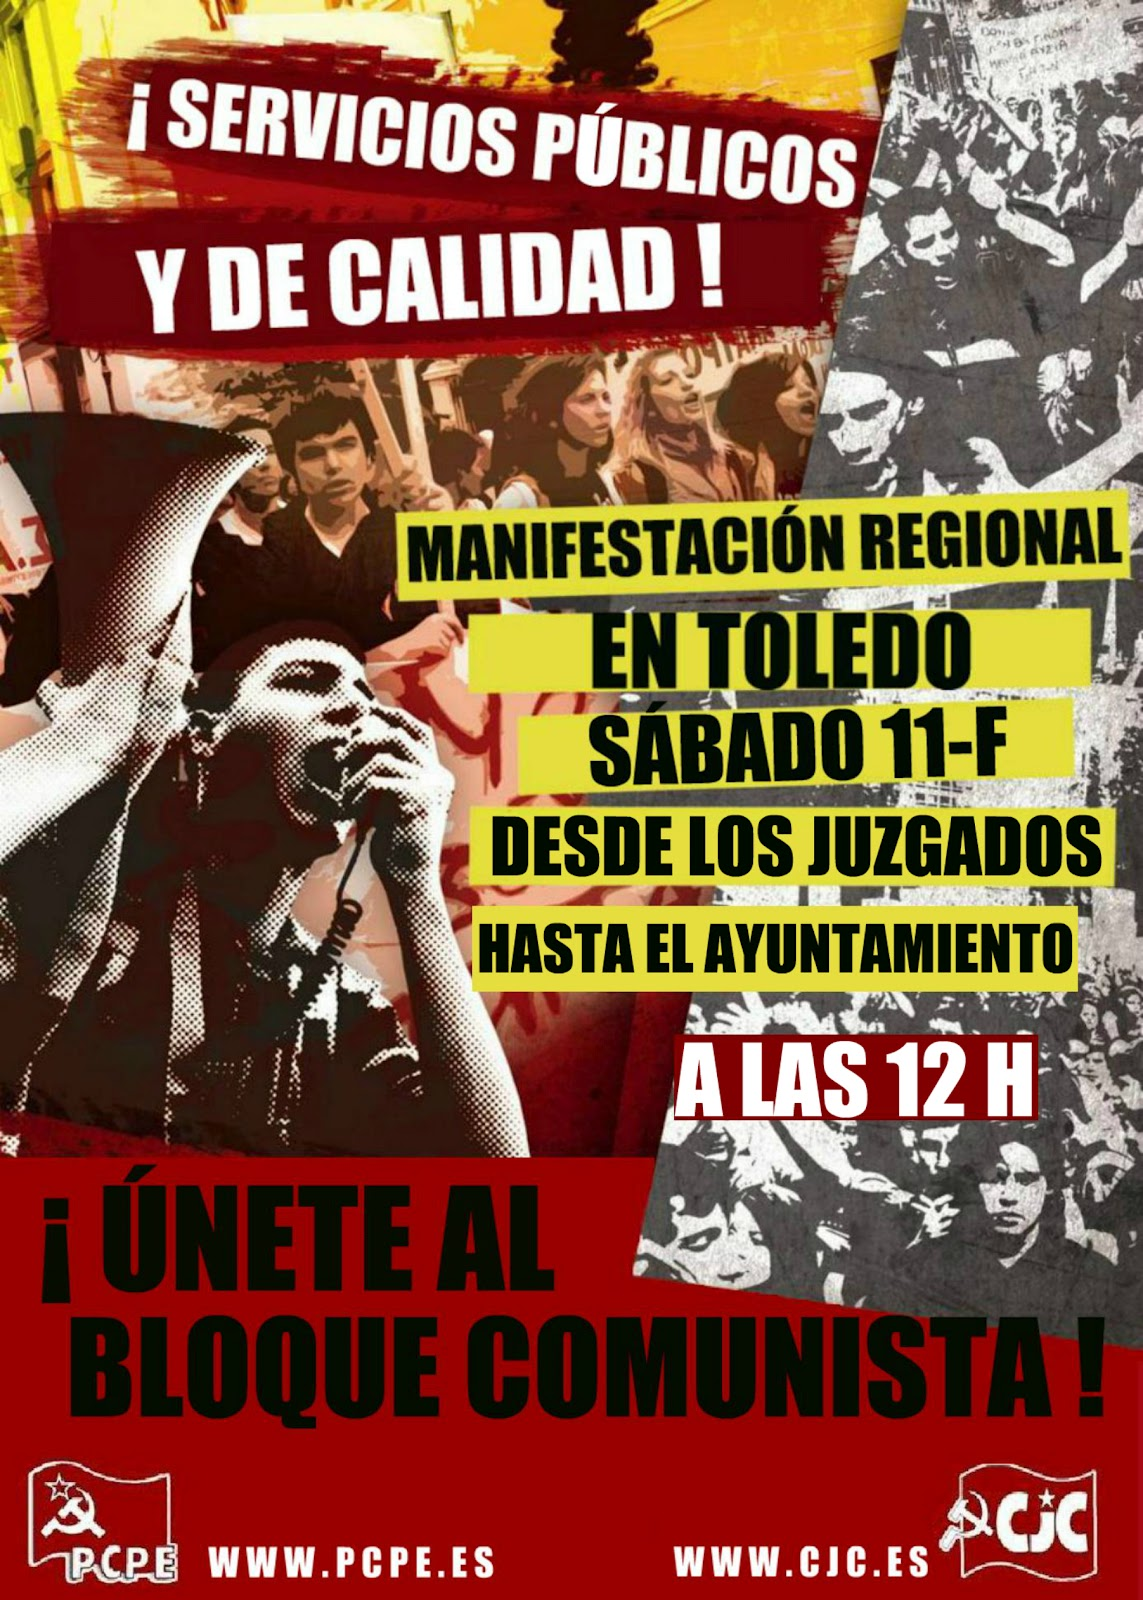 Manifestación Regional en Toledo: ¡Por unos servicios públicos y de calidad! Cartel+11+de+febrero